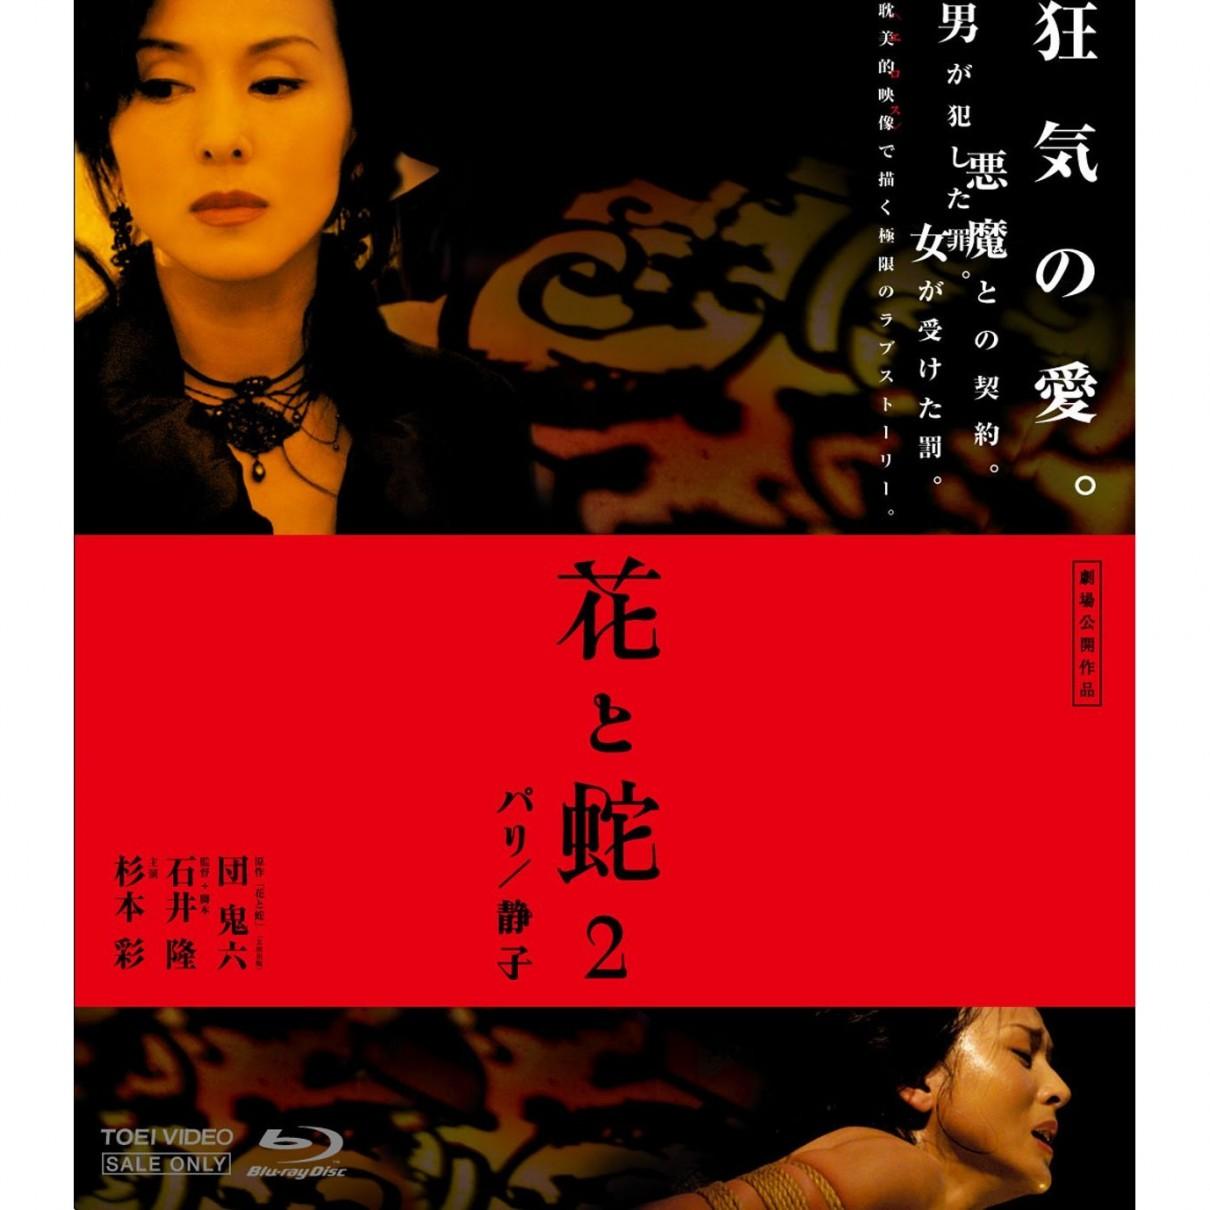 花与蛇(4部序列全集) Flower and Snake1-4